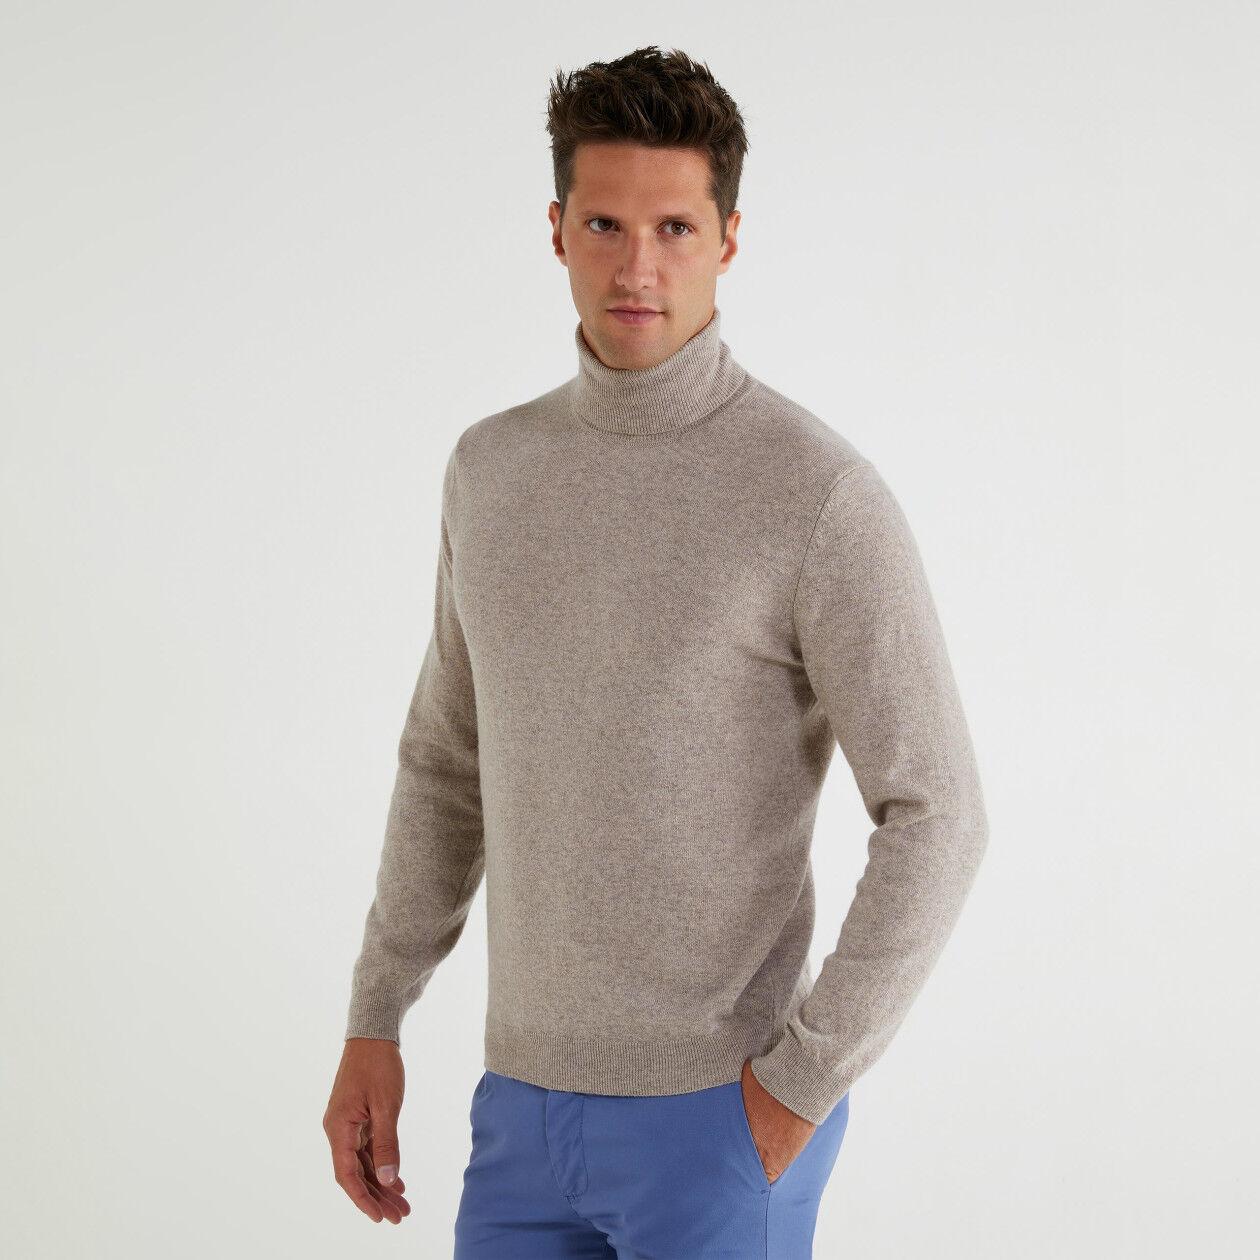 Turtleneck in 100% virgin wool